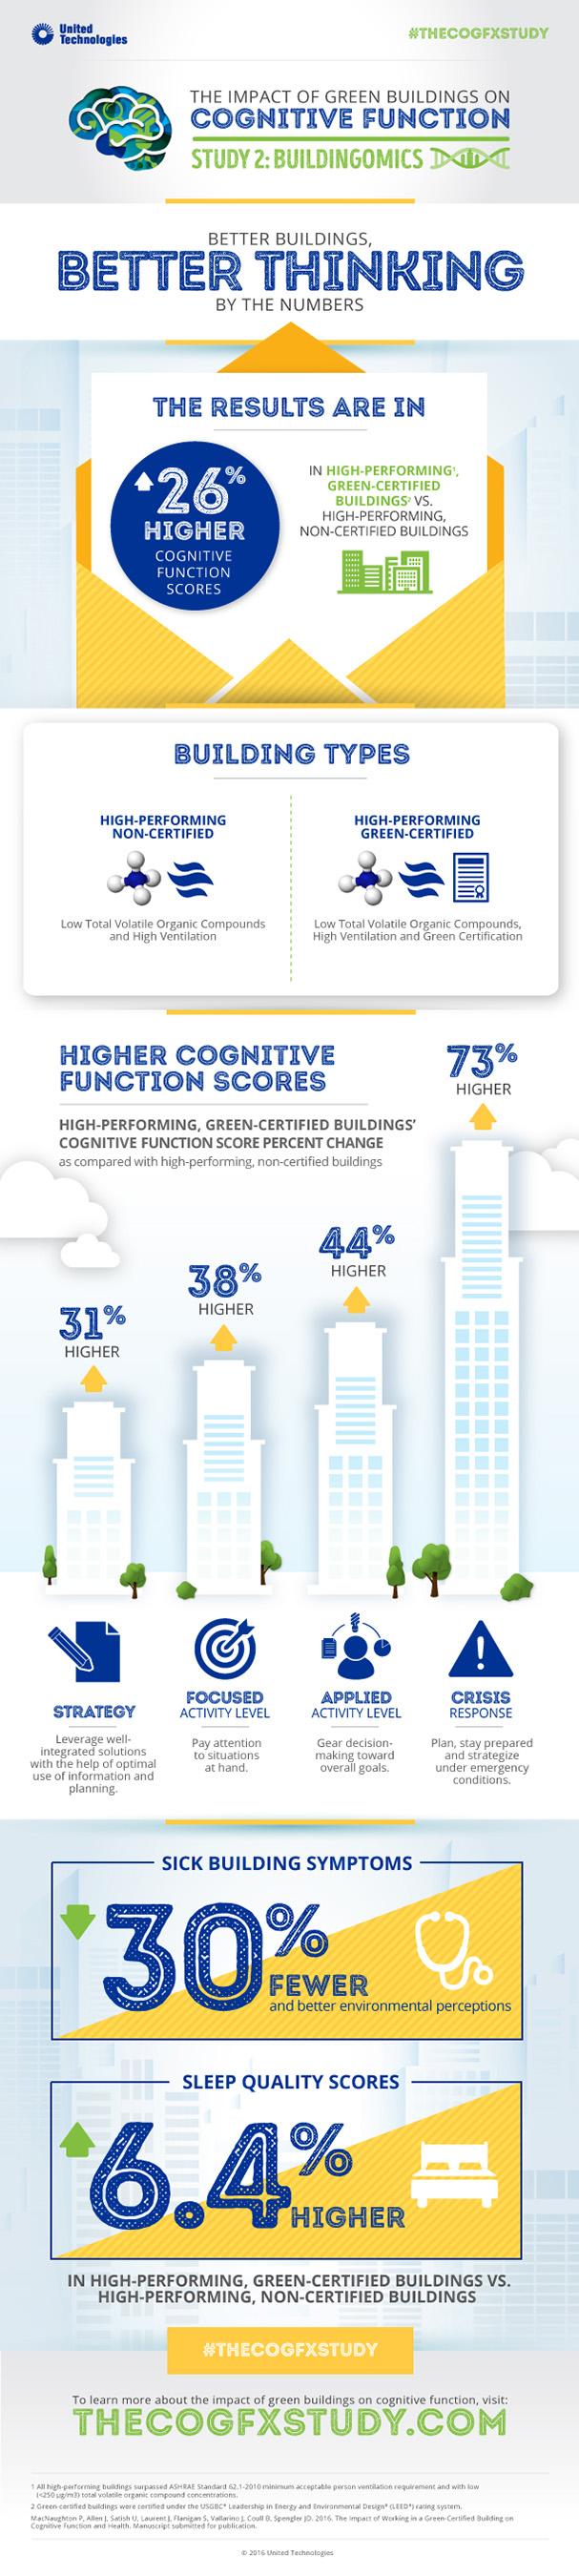 Better Buildings, Better Thinking